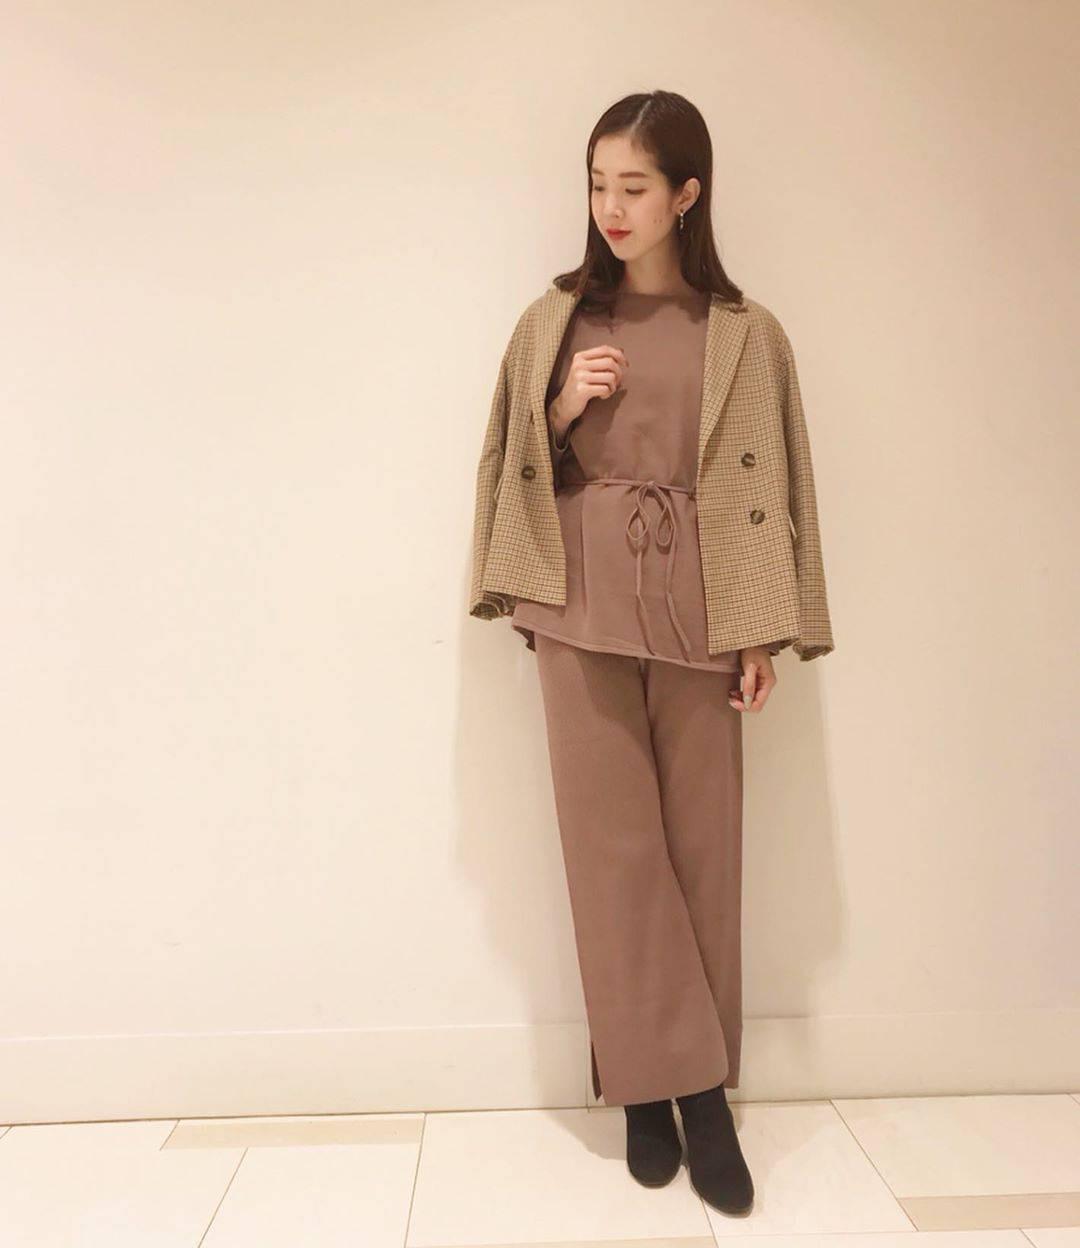 最高気温25度・最低気温15度 hikari_k0122の服装